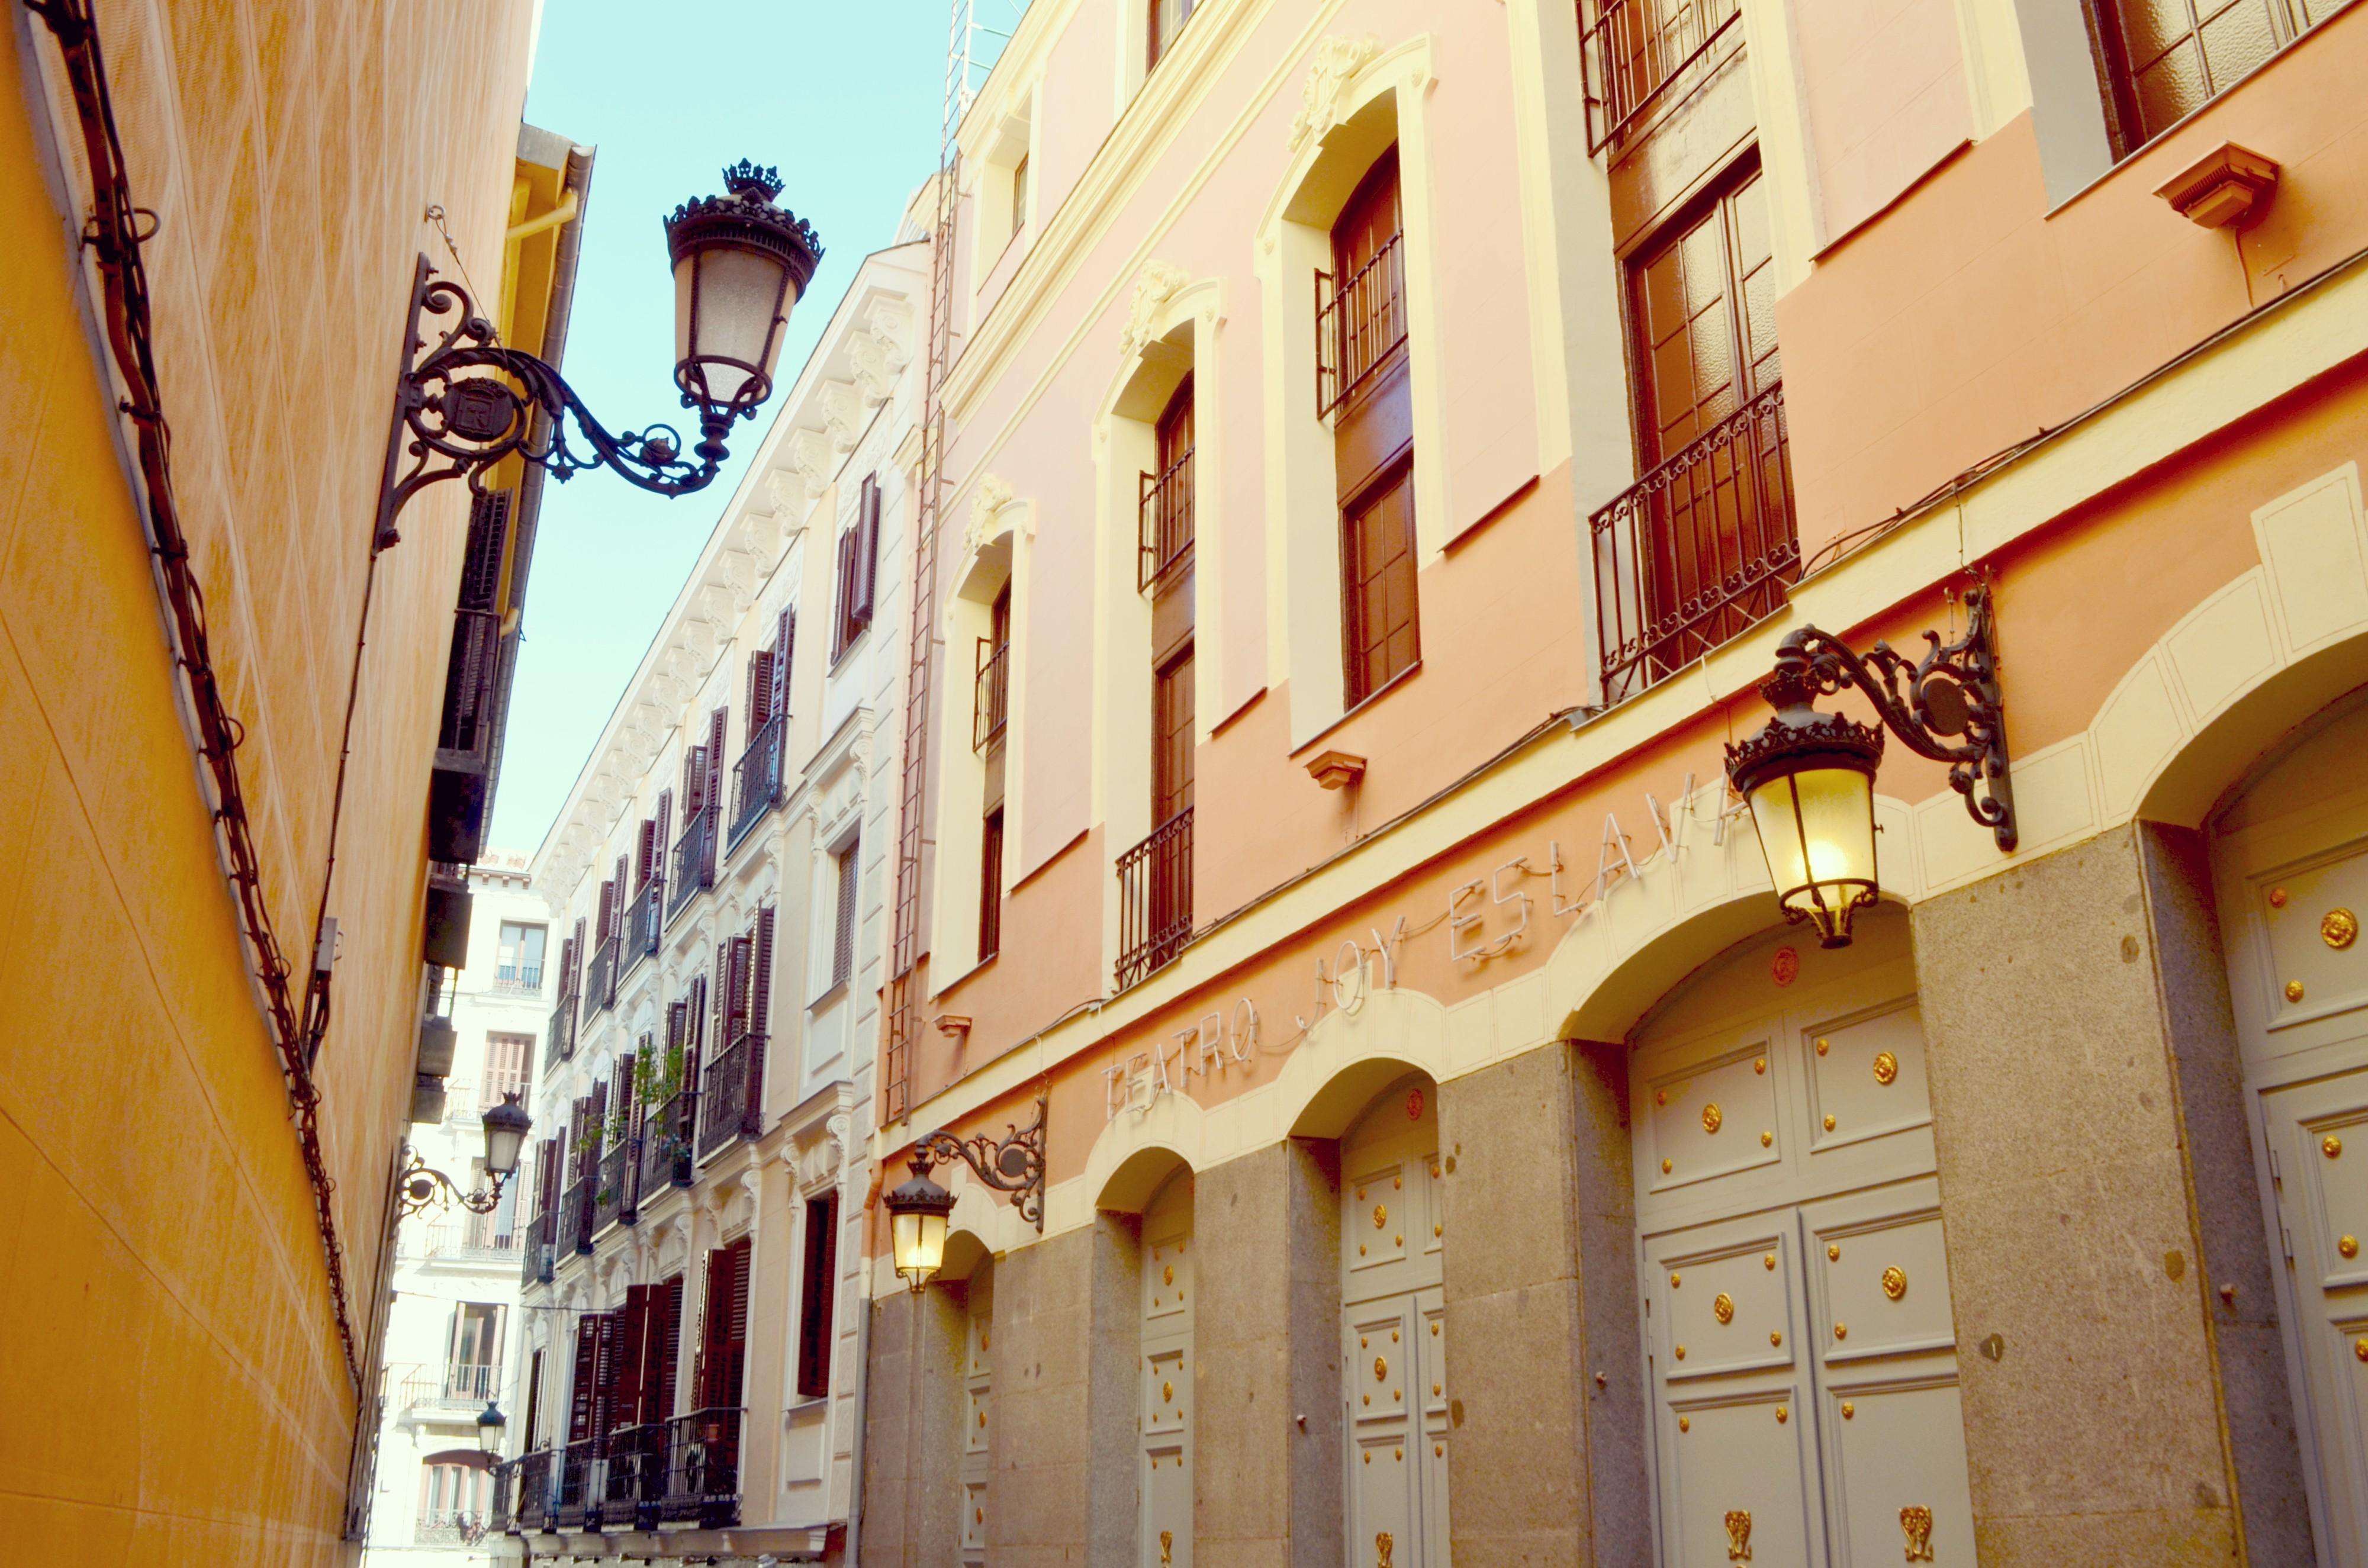 Madrid-street-style-blog-de-moda-ChicAdicta-Espana-Chic-Adicta-que-hacer-en-madrid-teatro-PiensaenChic-Piensa-en-Chic